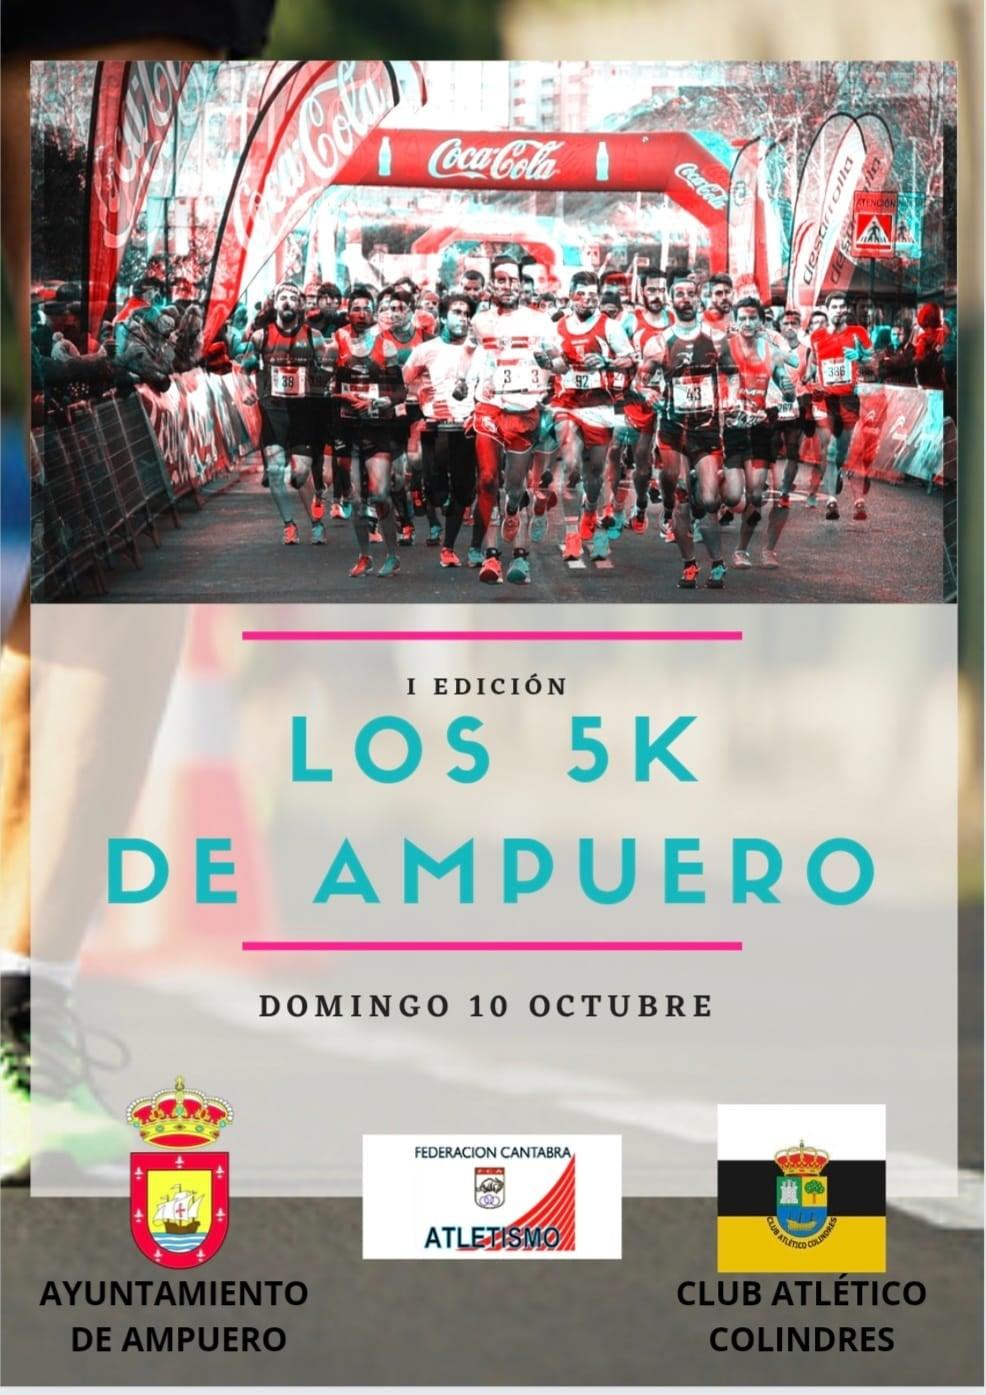 Carrera I Edición Los 5k de Ampuero